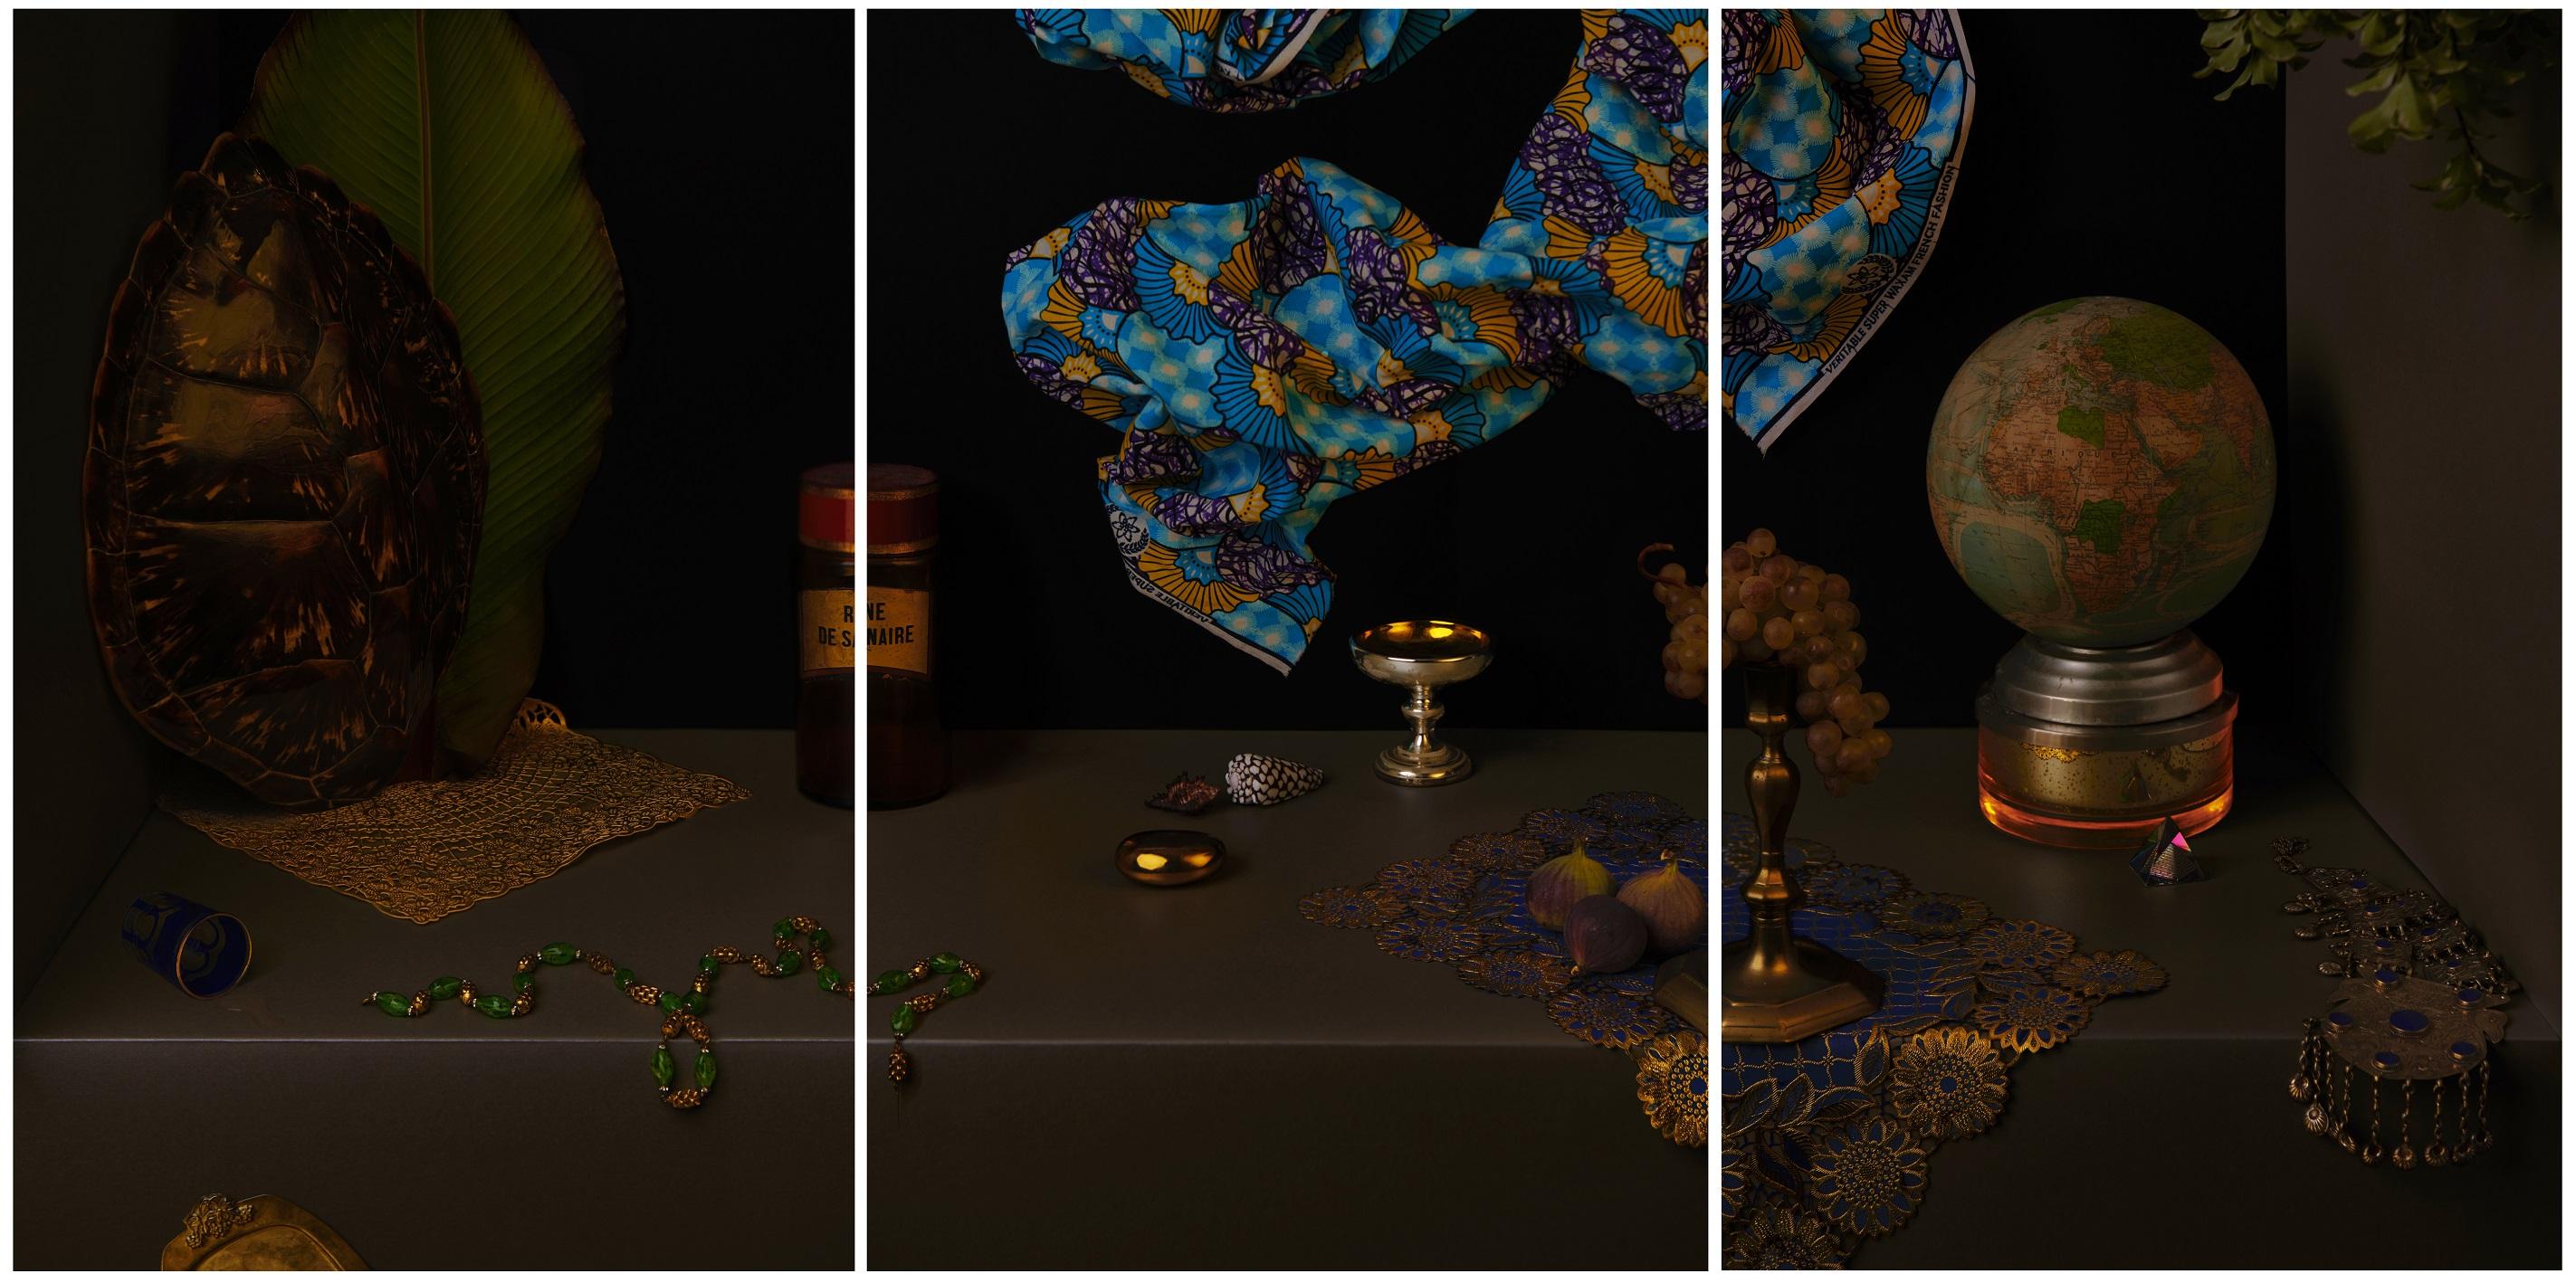 maya-ines-touam-triptyque-vertical-sans-titre-1-tirage-photographique-sous-diassec-mat-3-x-105-x-70-cm-2019-ed-3-1-ap-courtesy-african-arty